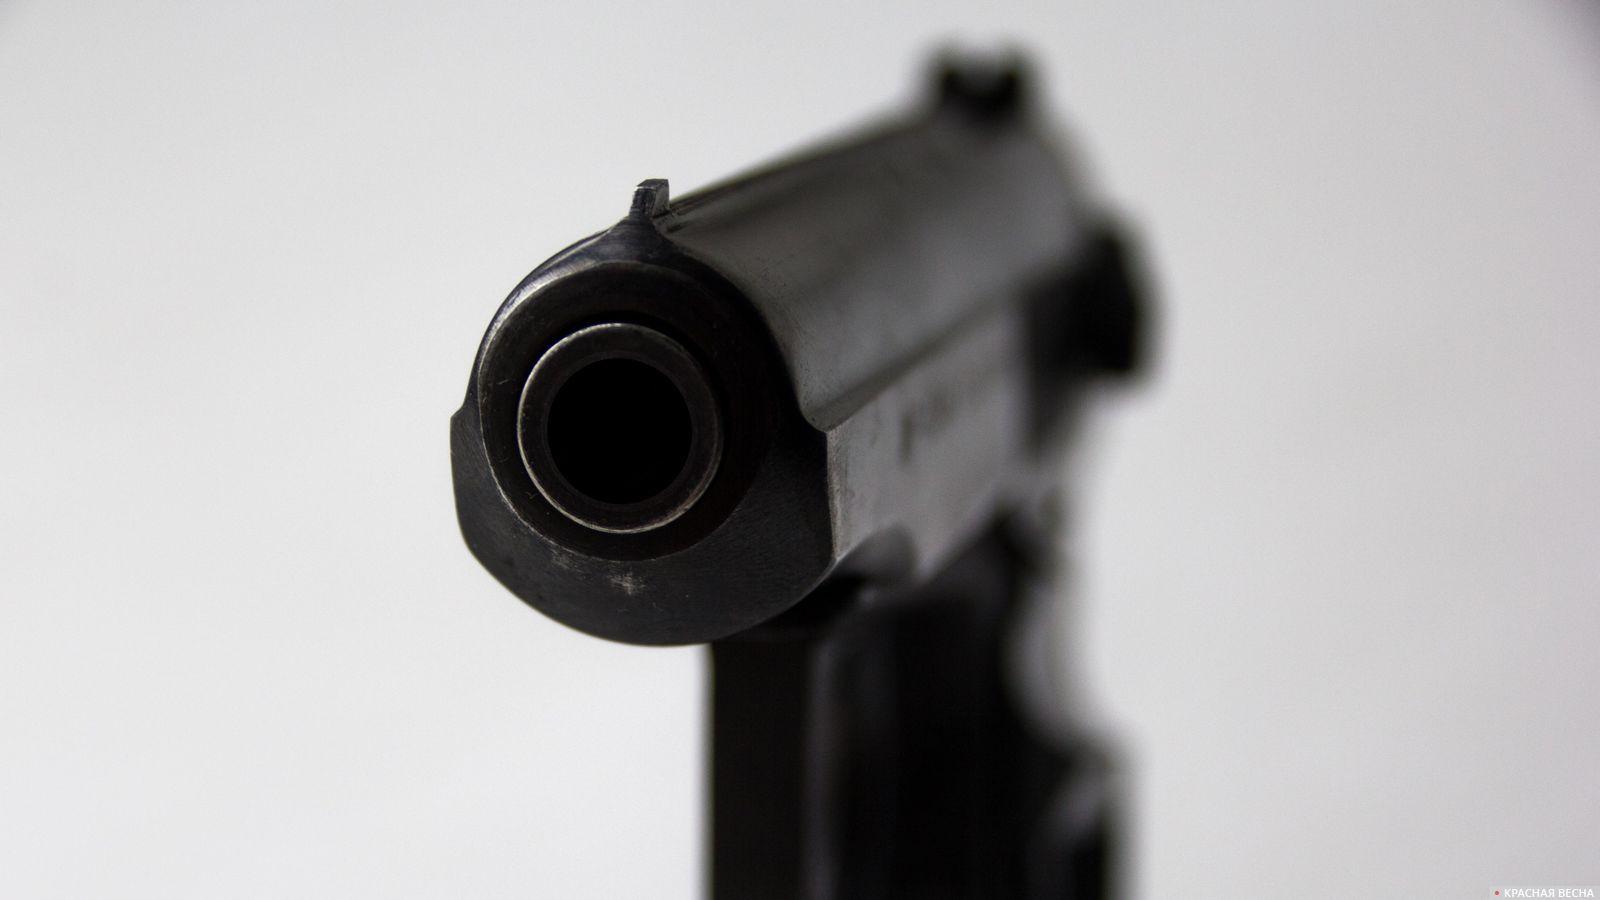 ВСША в итоге стрельбы погибли 4 человека